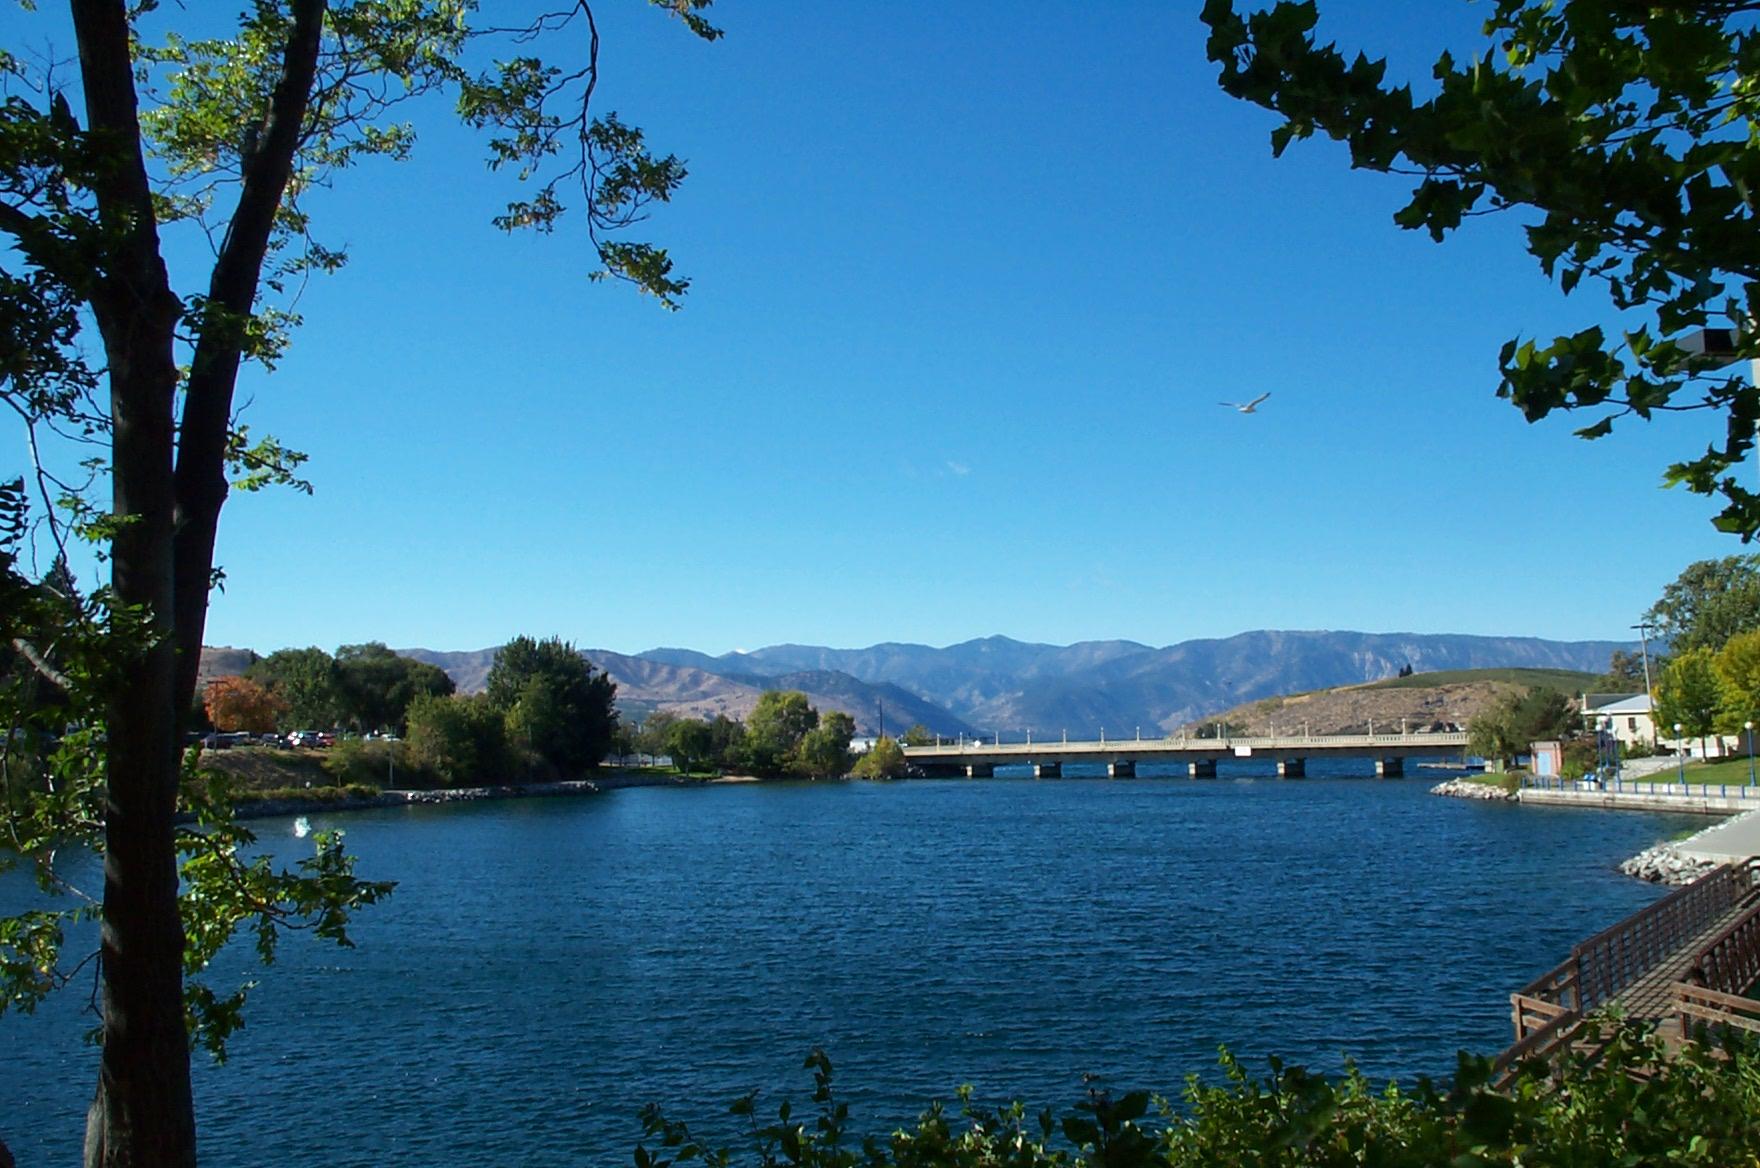 Photo: Chelan River